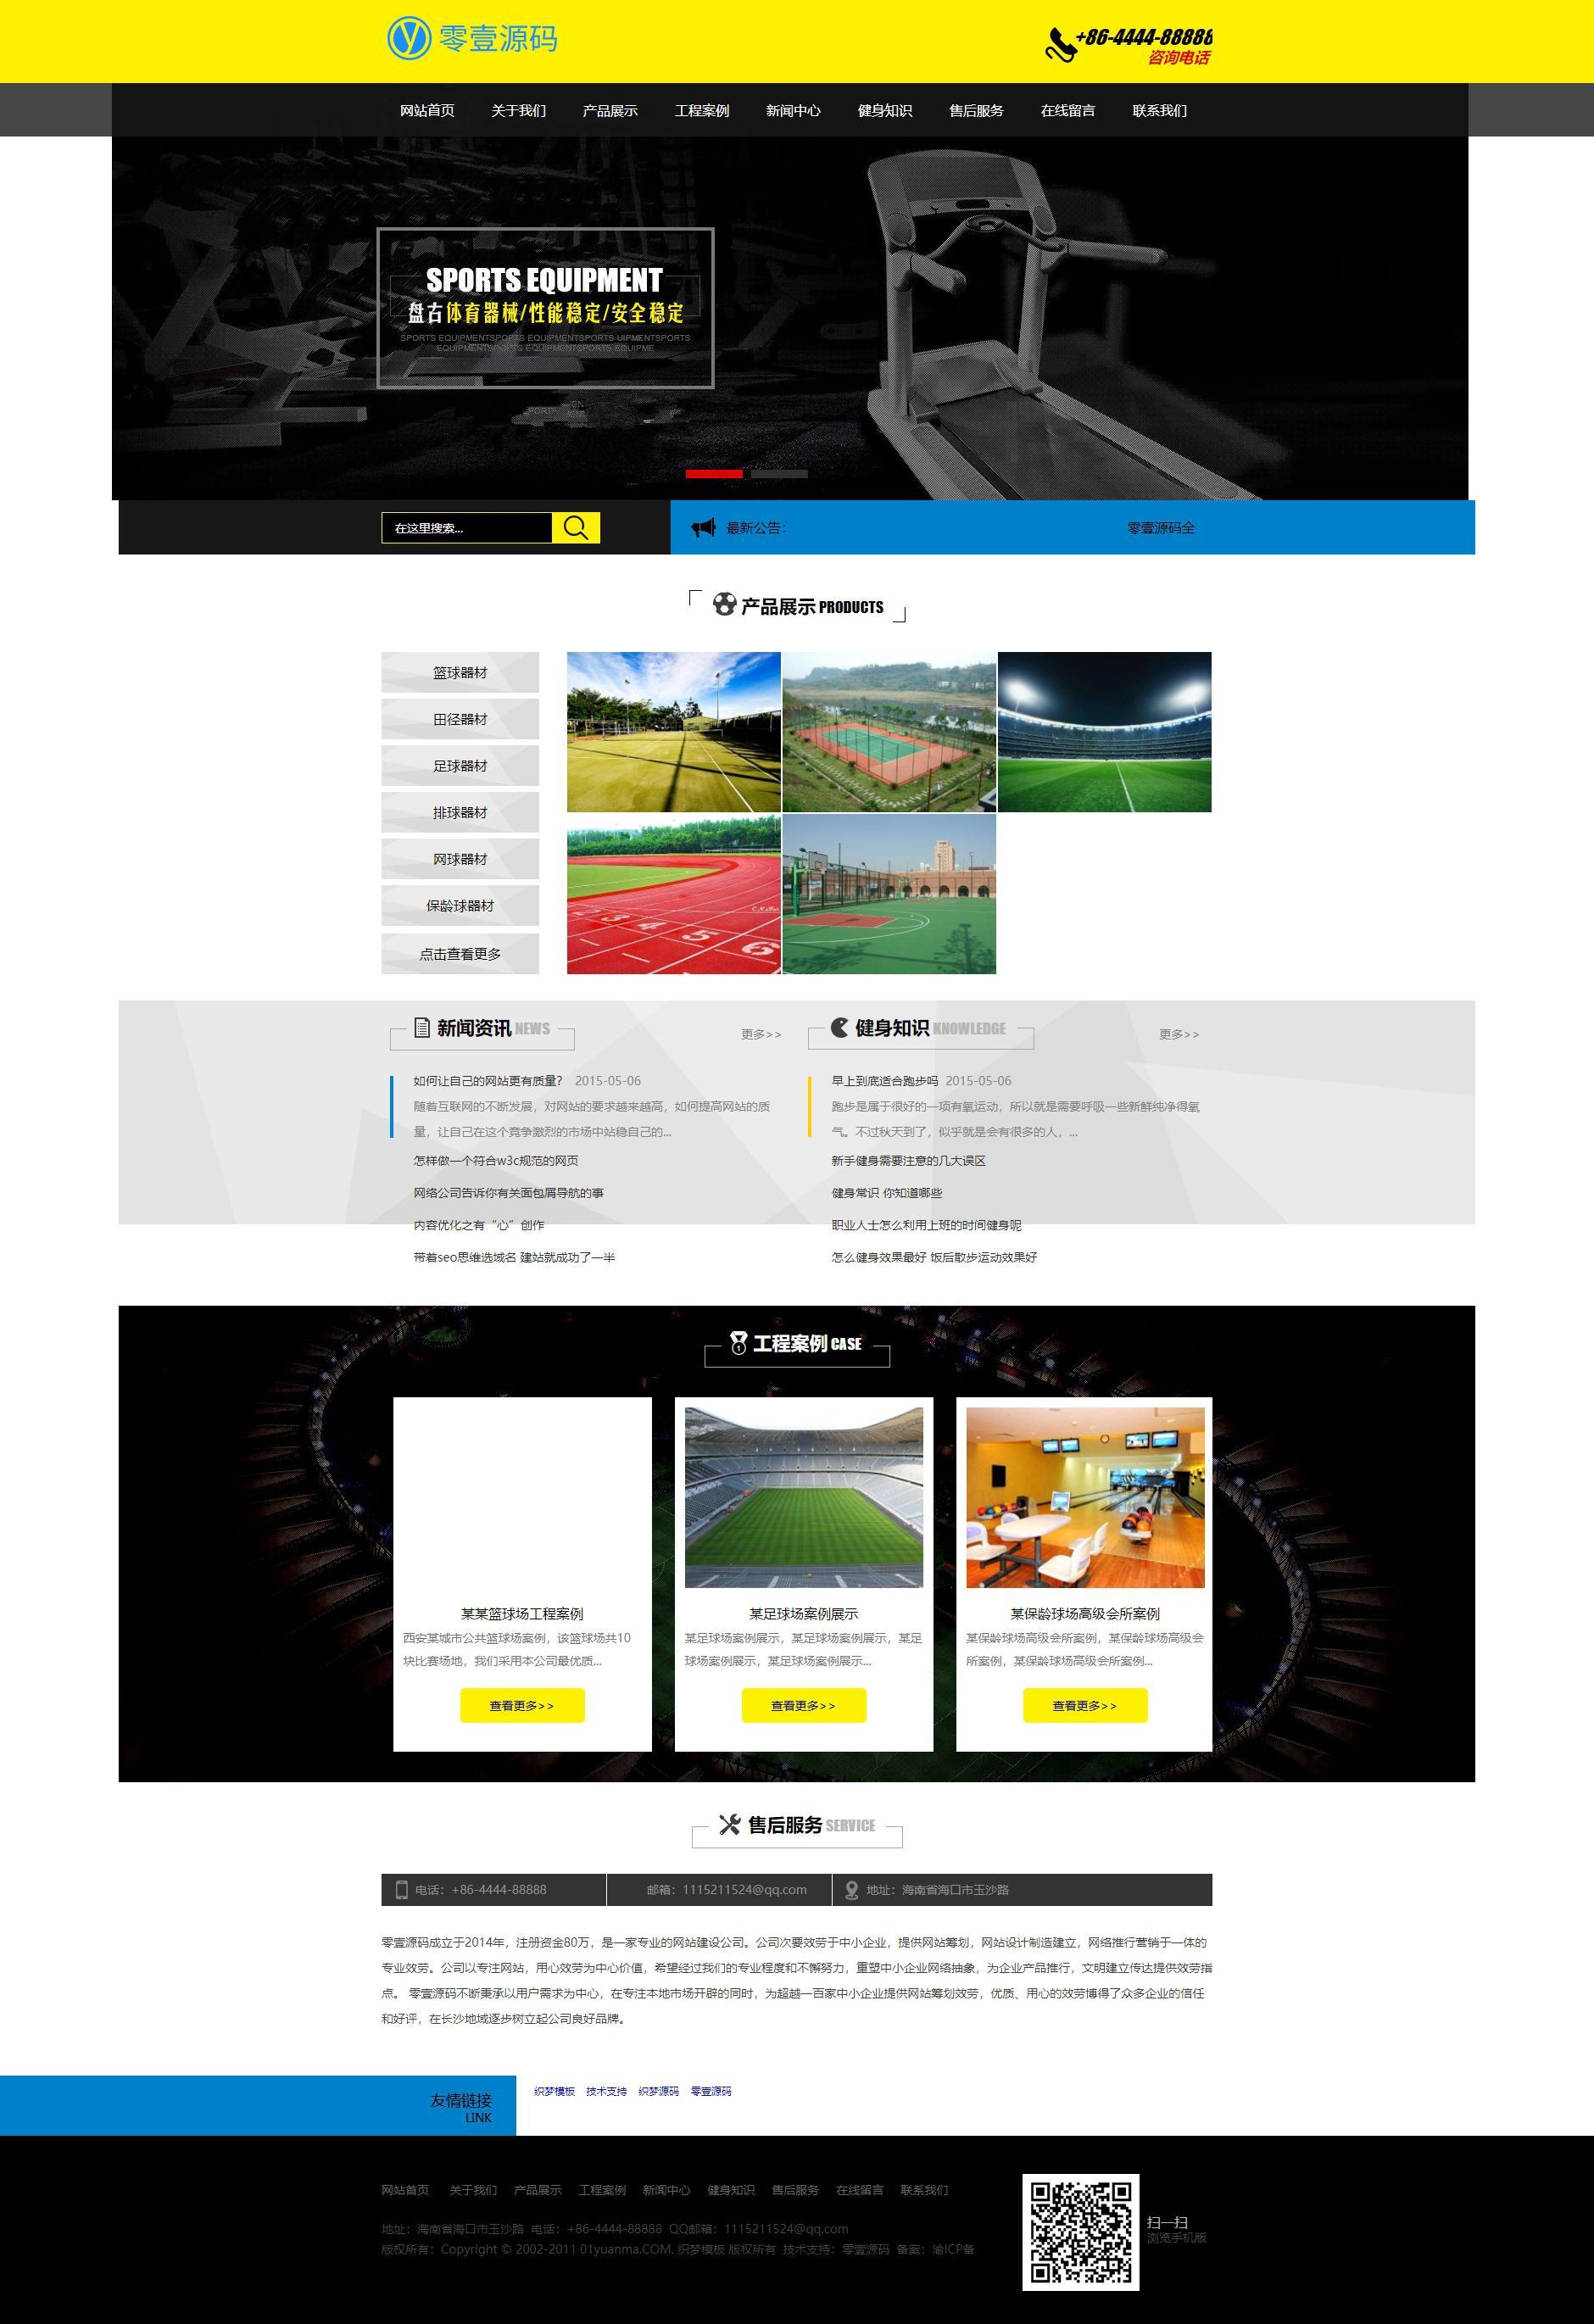 体育设备健身器材网站织梦dedecms源码